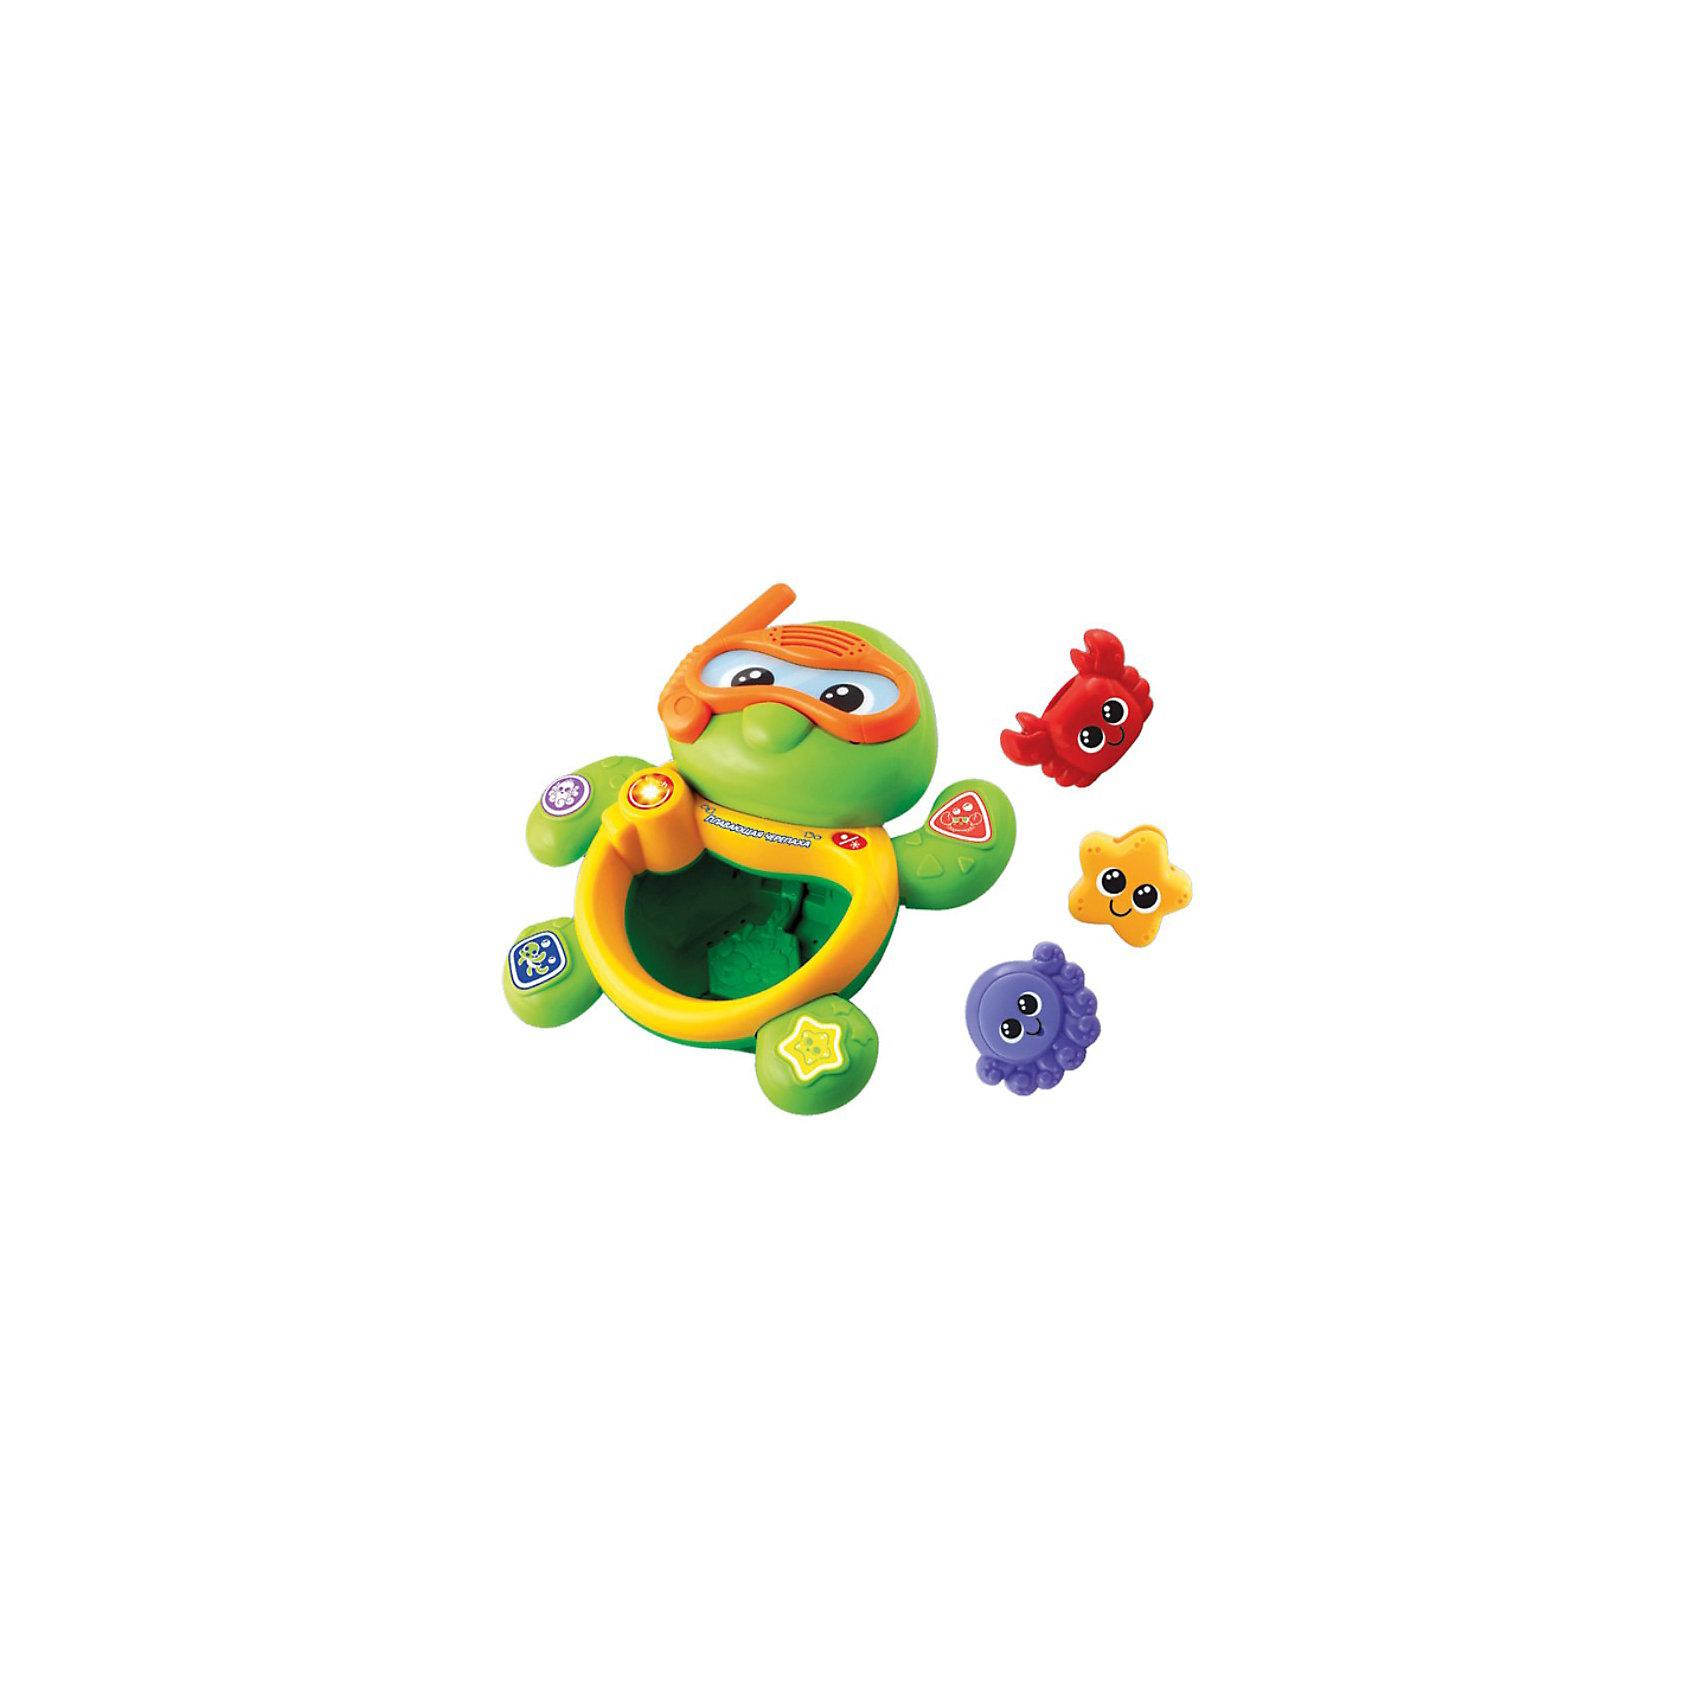 Игрушка для ванной Черепаха, VtechИнтерактивные игрушки для малышей<br>Игрушка для ванной Черепаха, Vtech (Втеч).<br><br>Характеристики:<br><br>• Для детей от 9 месяцев<br>• Комплектация: музыкальная черепаха, 3 фигурки морских животных<br>• 5 мелодий, множество звуков песенка из мультфильма «Крошка Енот»<br>• Материал: пластик<br>• Батарейки: 2 типа ААА (в комплекте демонстрационные)<br>• Упаковка: красочная подарочная коробка<br>• Размер упаковки: 30х25х12 см.<br><br>Плавающая черепаха от французской компании Vtech – восхитительная игрушка для ванны, с которой купание вашего малыша будет не только веселым, но и познавательным! <br><br>Нажимая на кнопочки, расположенные на лапках черепахи, ваш малыш выучит названия морских животных, цвета и геометрические фигуры. В набор также 3 фигурки морских животных (краб, звездочка и осьминог-брызгалка). Если фигурки поместить в живот черепахи, то можно услышать веселые звуки. <br><br>Черепашка является водонепроницаемой, опуская и вынимая её из воды, малыш услышит множество веселых мелодий и фраз. Игрушка изготовлена из прочного безопасного не бьющегося пластика. Продается в красочной коробке и идеально подходит в качестве подарка.<br><br>Игрушку для ванной Черепаха, Vtech (Втеч) можно купить в нашем интернет-магазине.<br><br>Ширина мм: 120<br>Глубина мм: 300<br>Высота мм: 240<br>Вес г: 1000<br>Возраст от месяцев: 12<br>Возраст до месяцев: 48<br>Пол: Унисекс<br>Возраст: Детский<br>SKU: 3380330